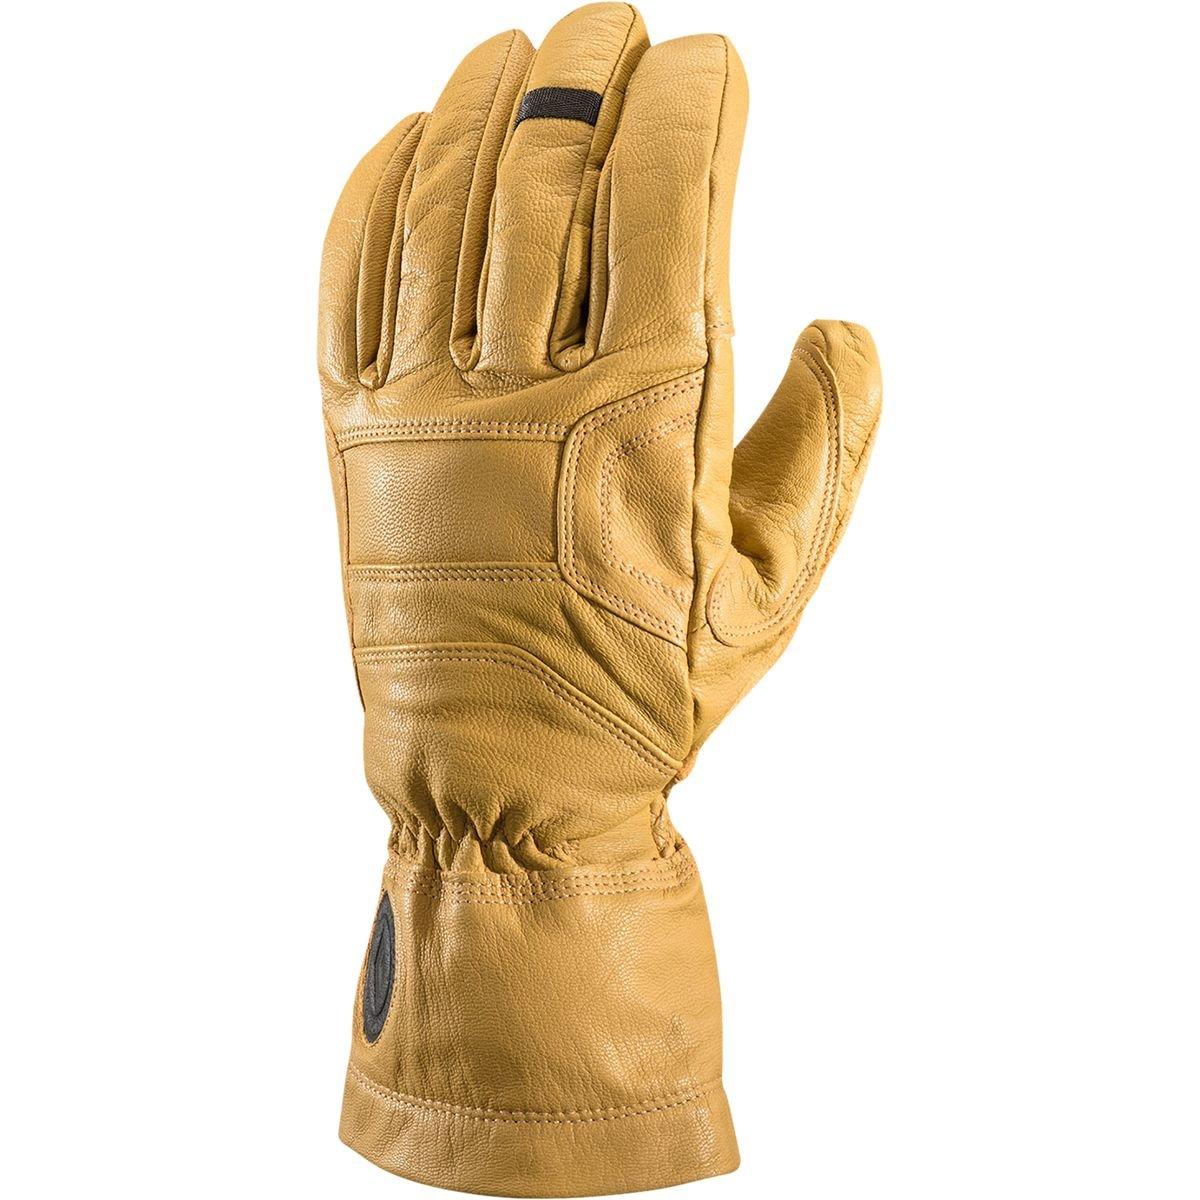 Schwarz Diamond kingpin handschuhe fingerhandschuhe neu